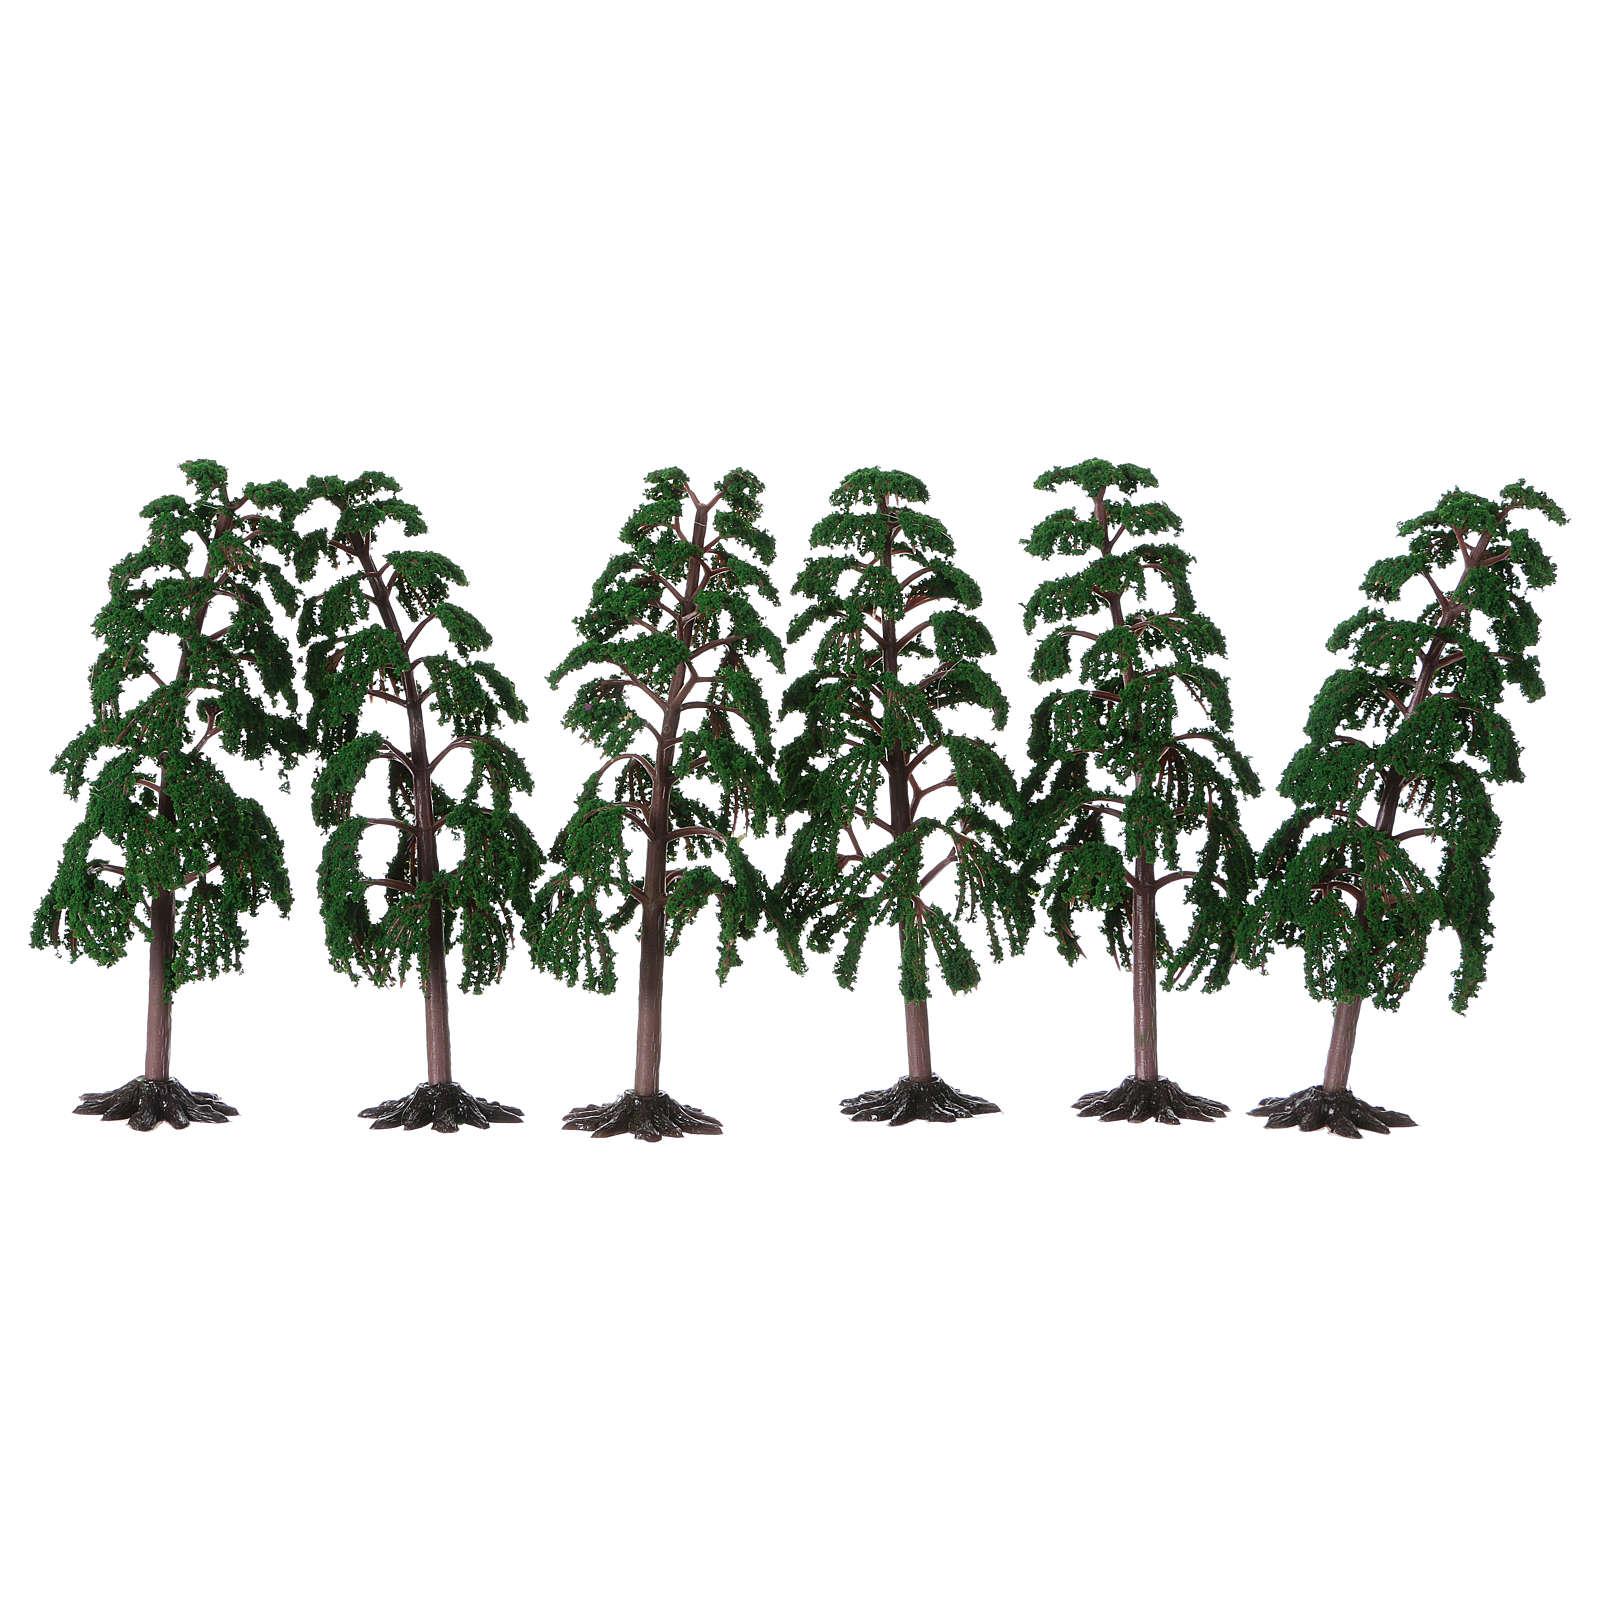 Albero verde con rami per presepe h reale 15 cm 4